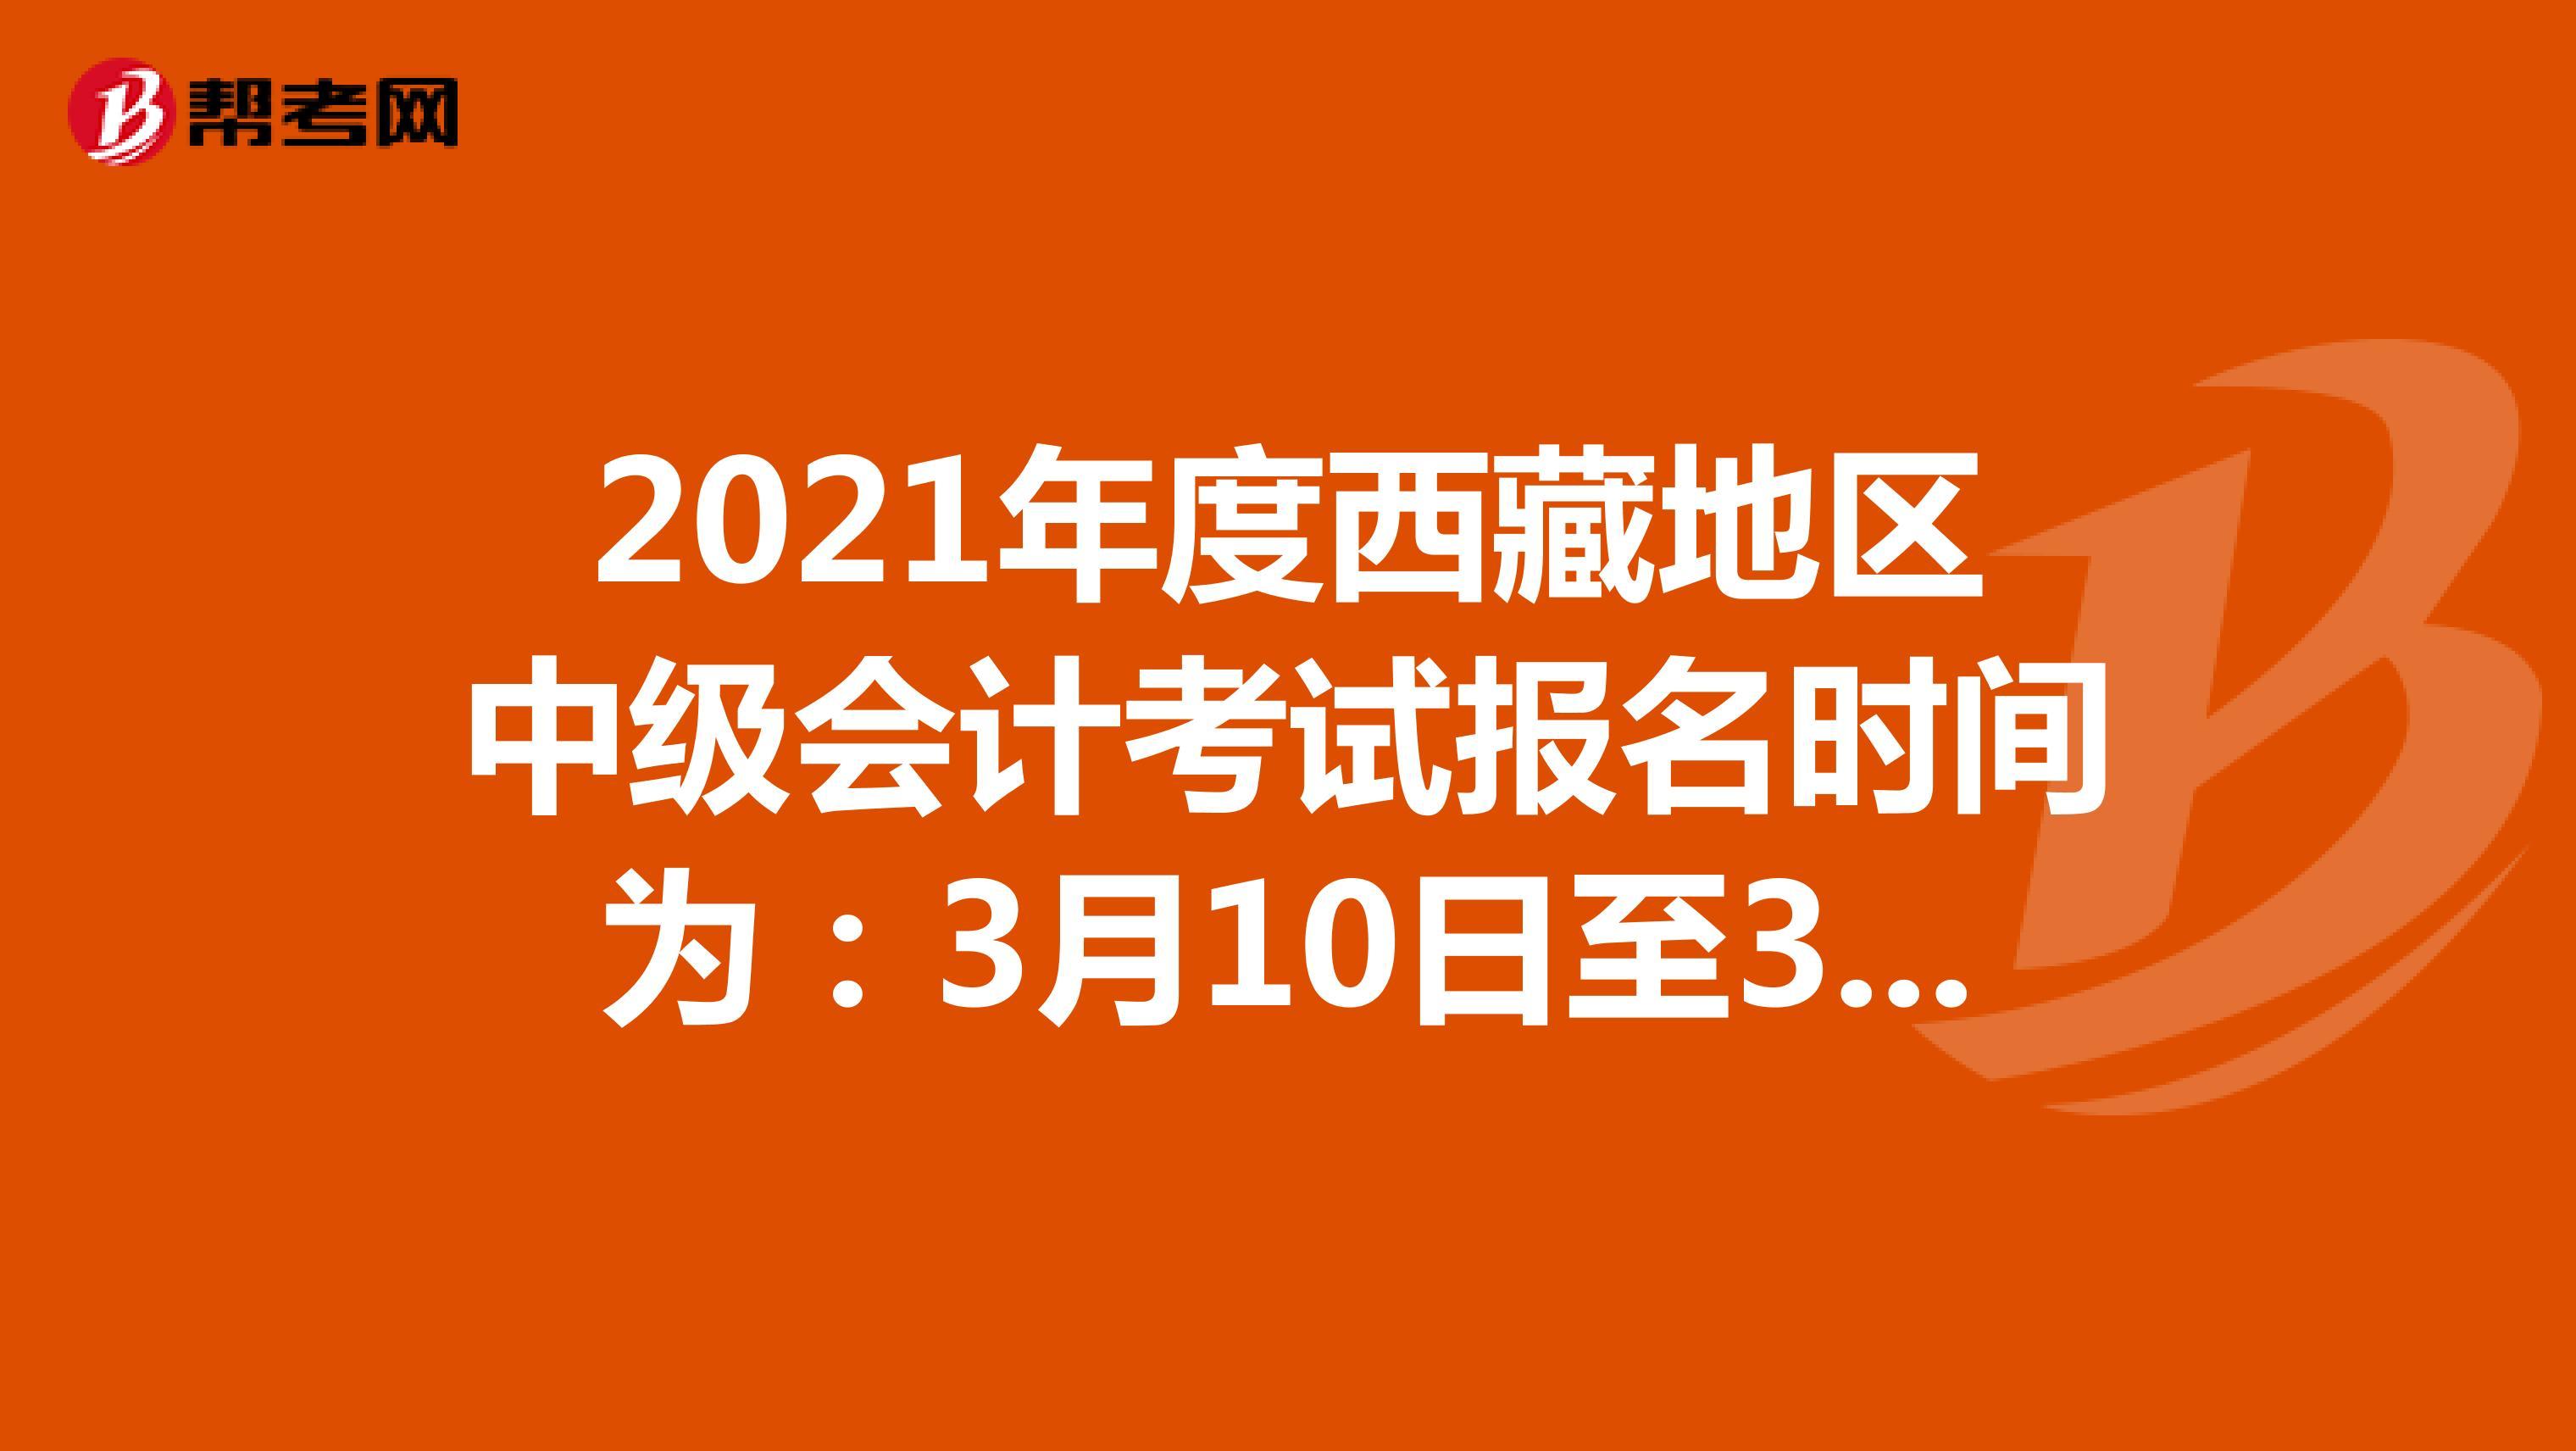 2021年度西藏地區中級會計考試報名時間為:3月10日至31日